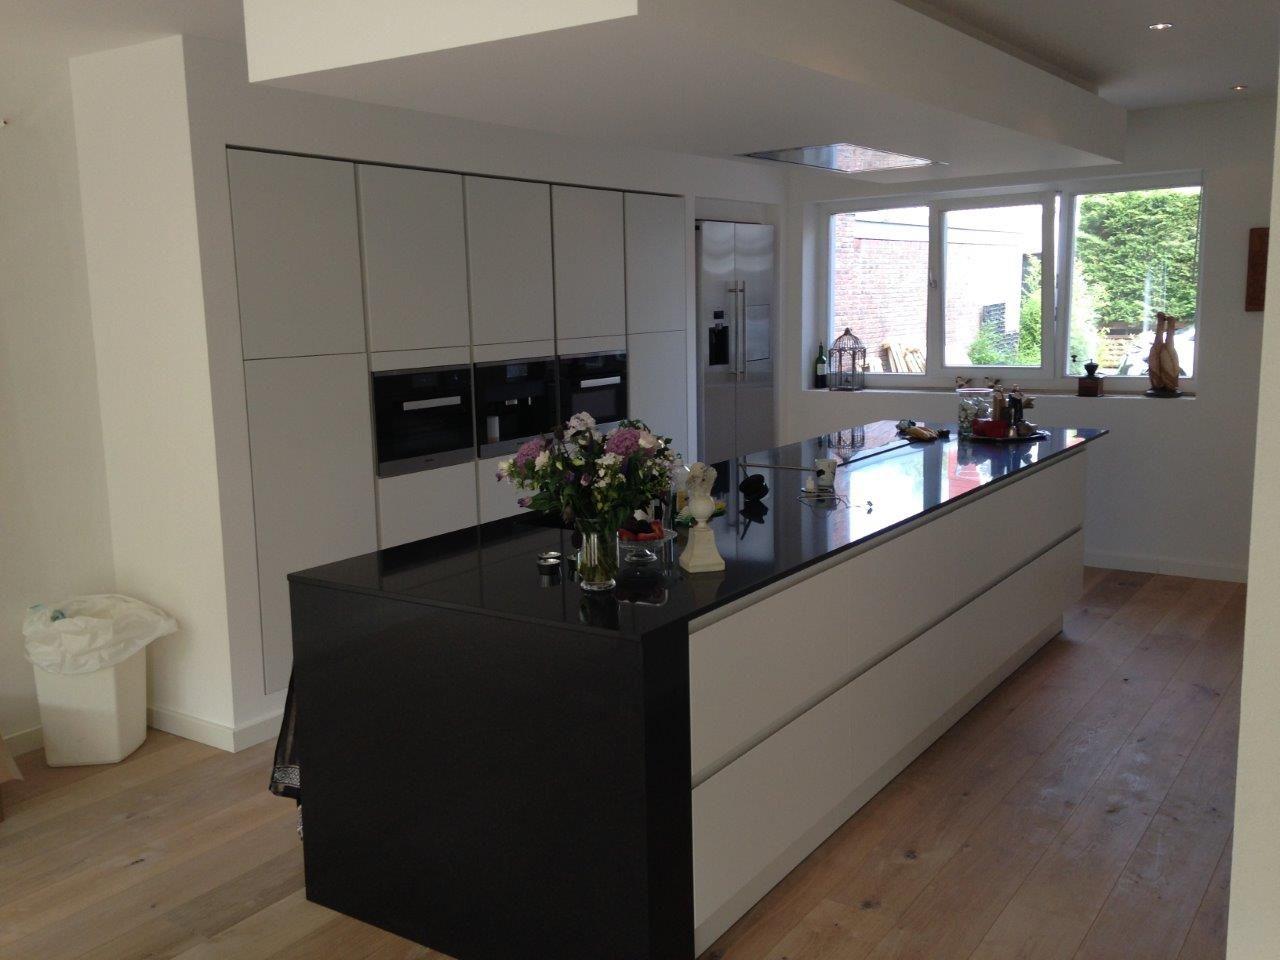 Matlak witte greeploze keuken met composiet werkblad en composieten stol de keuken is voorzien - Witte keuken voorzien van gelakt ...